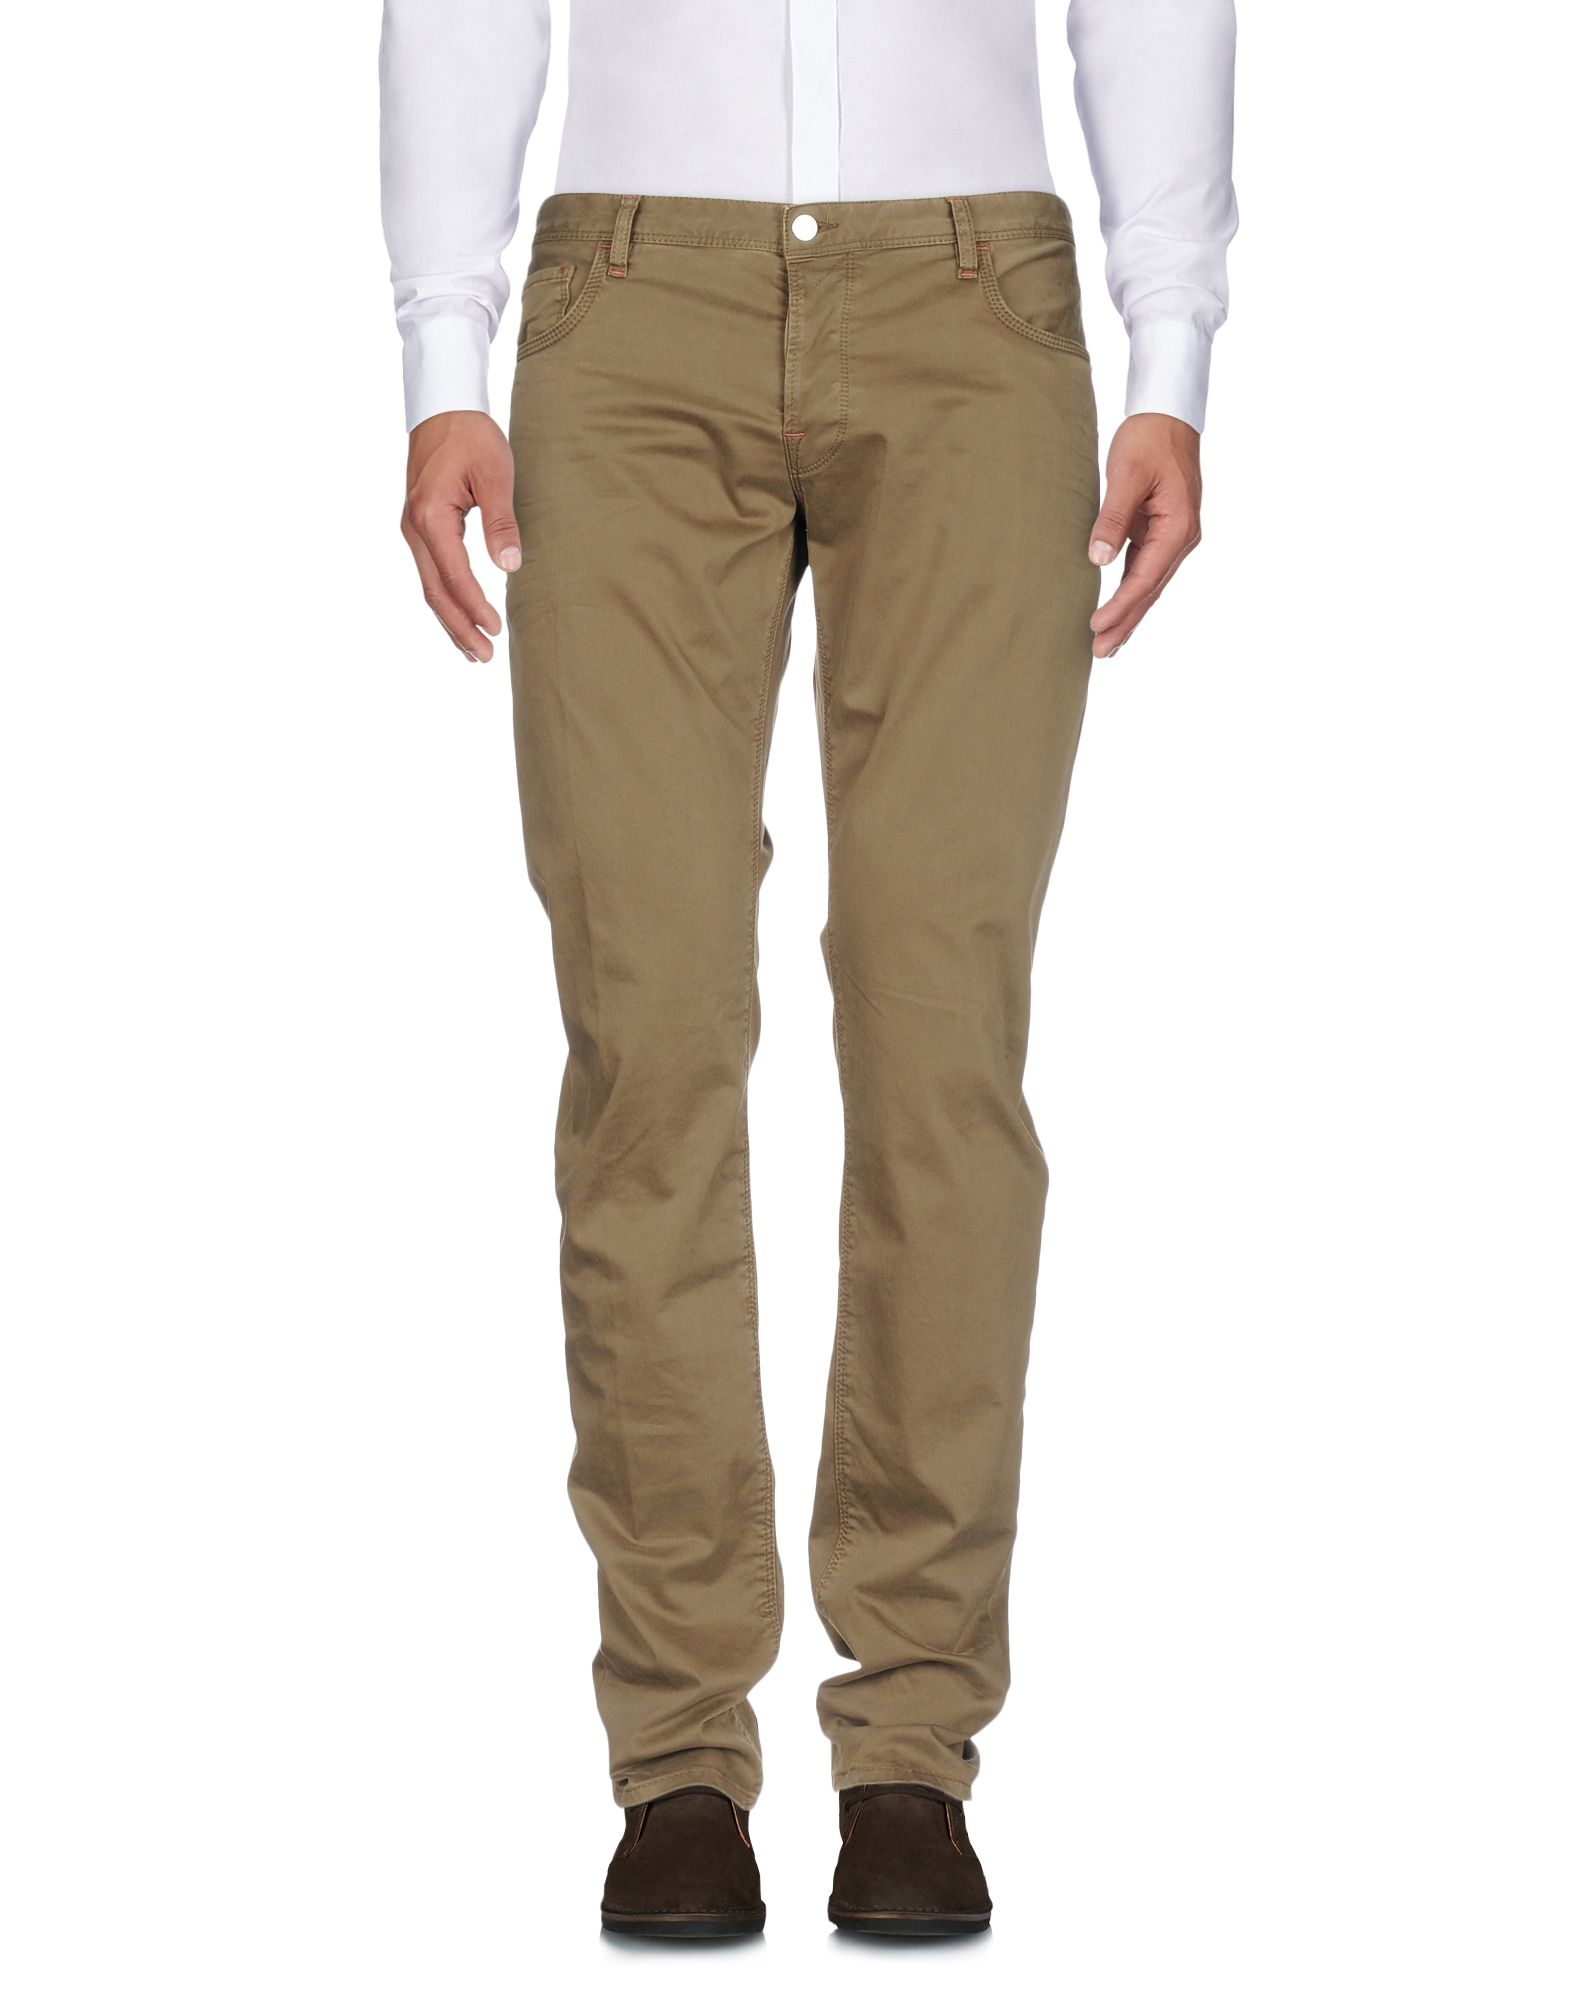 PATRIZIA PEPE Повседневные брюки patrizia pepe обтягивающие брюки с 5 карманами из хлопкового габардина стрейч